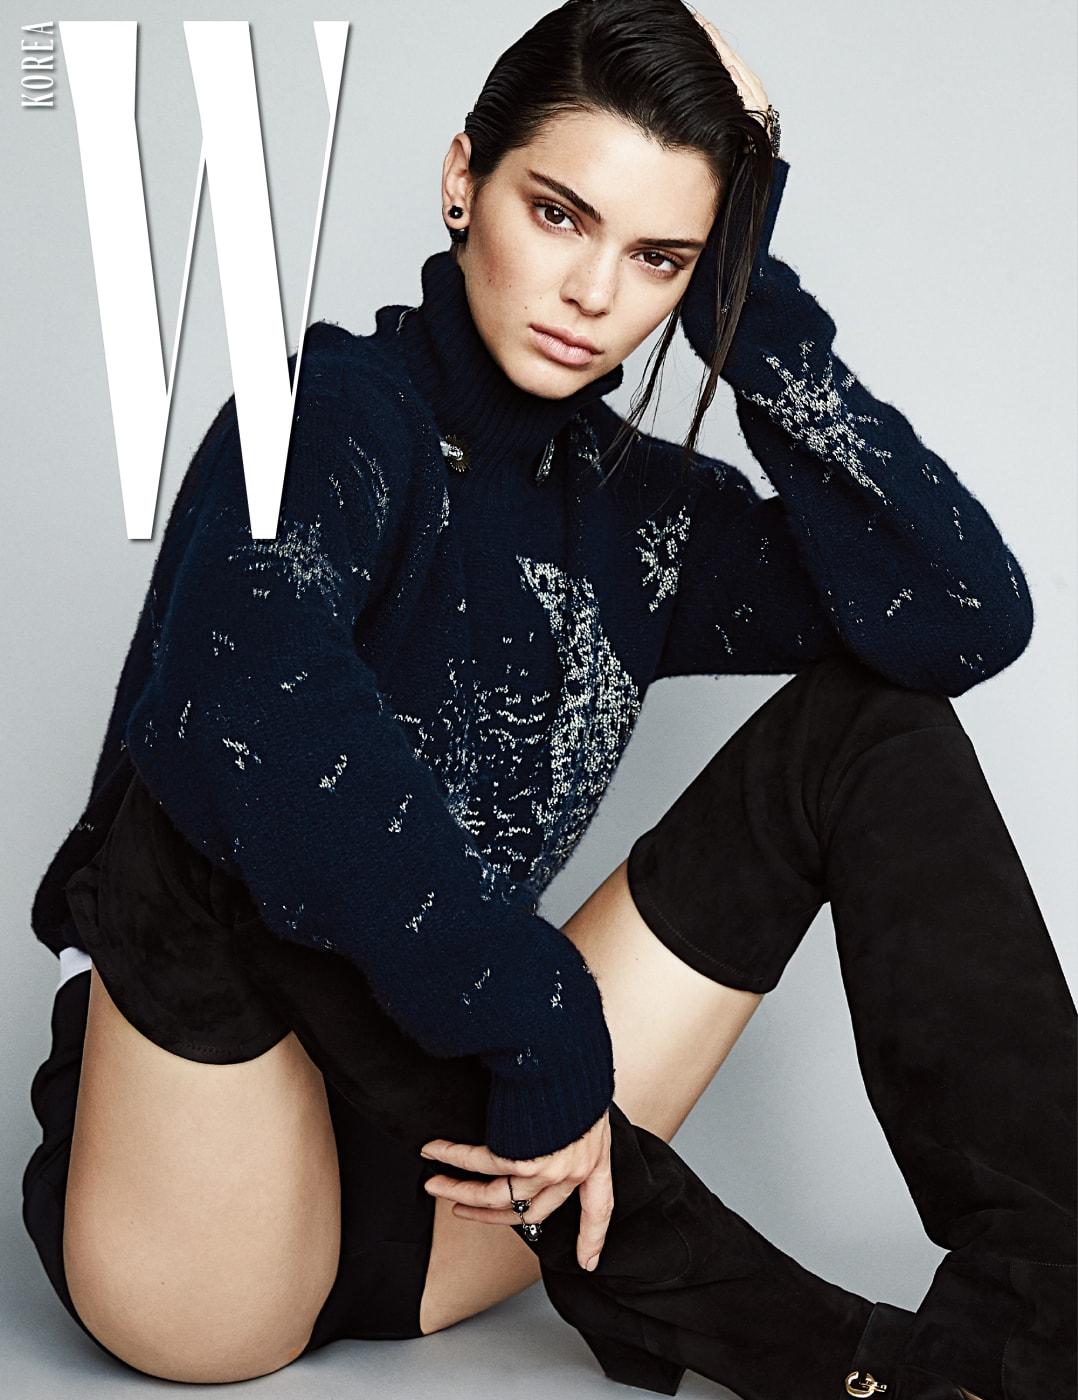 정교한 장식미가 돋보이는 풀오버 스웨터와 쇼츠, 초커, 귀고리, 반지, 스웨이드 소재의 사이하이 부츠는 모두 Dior 제품.